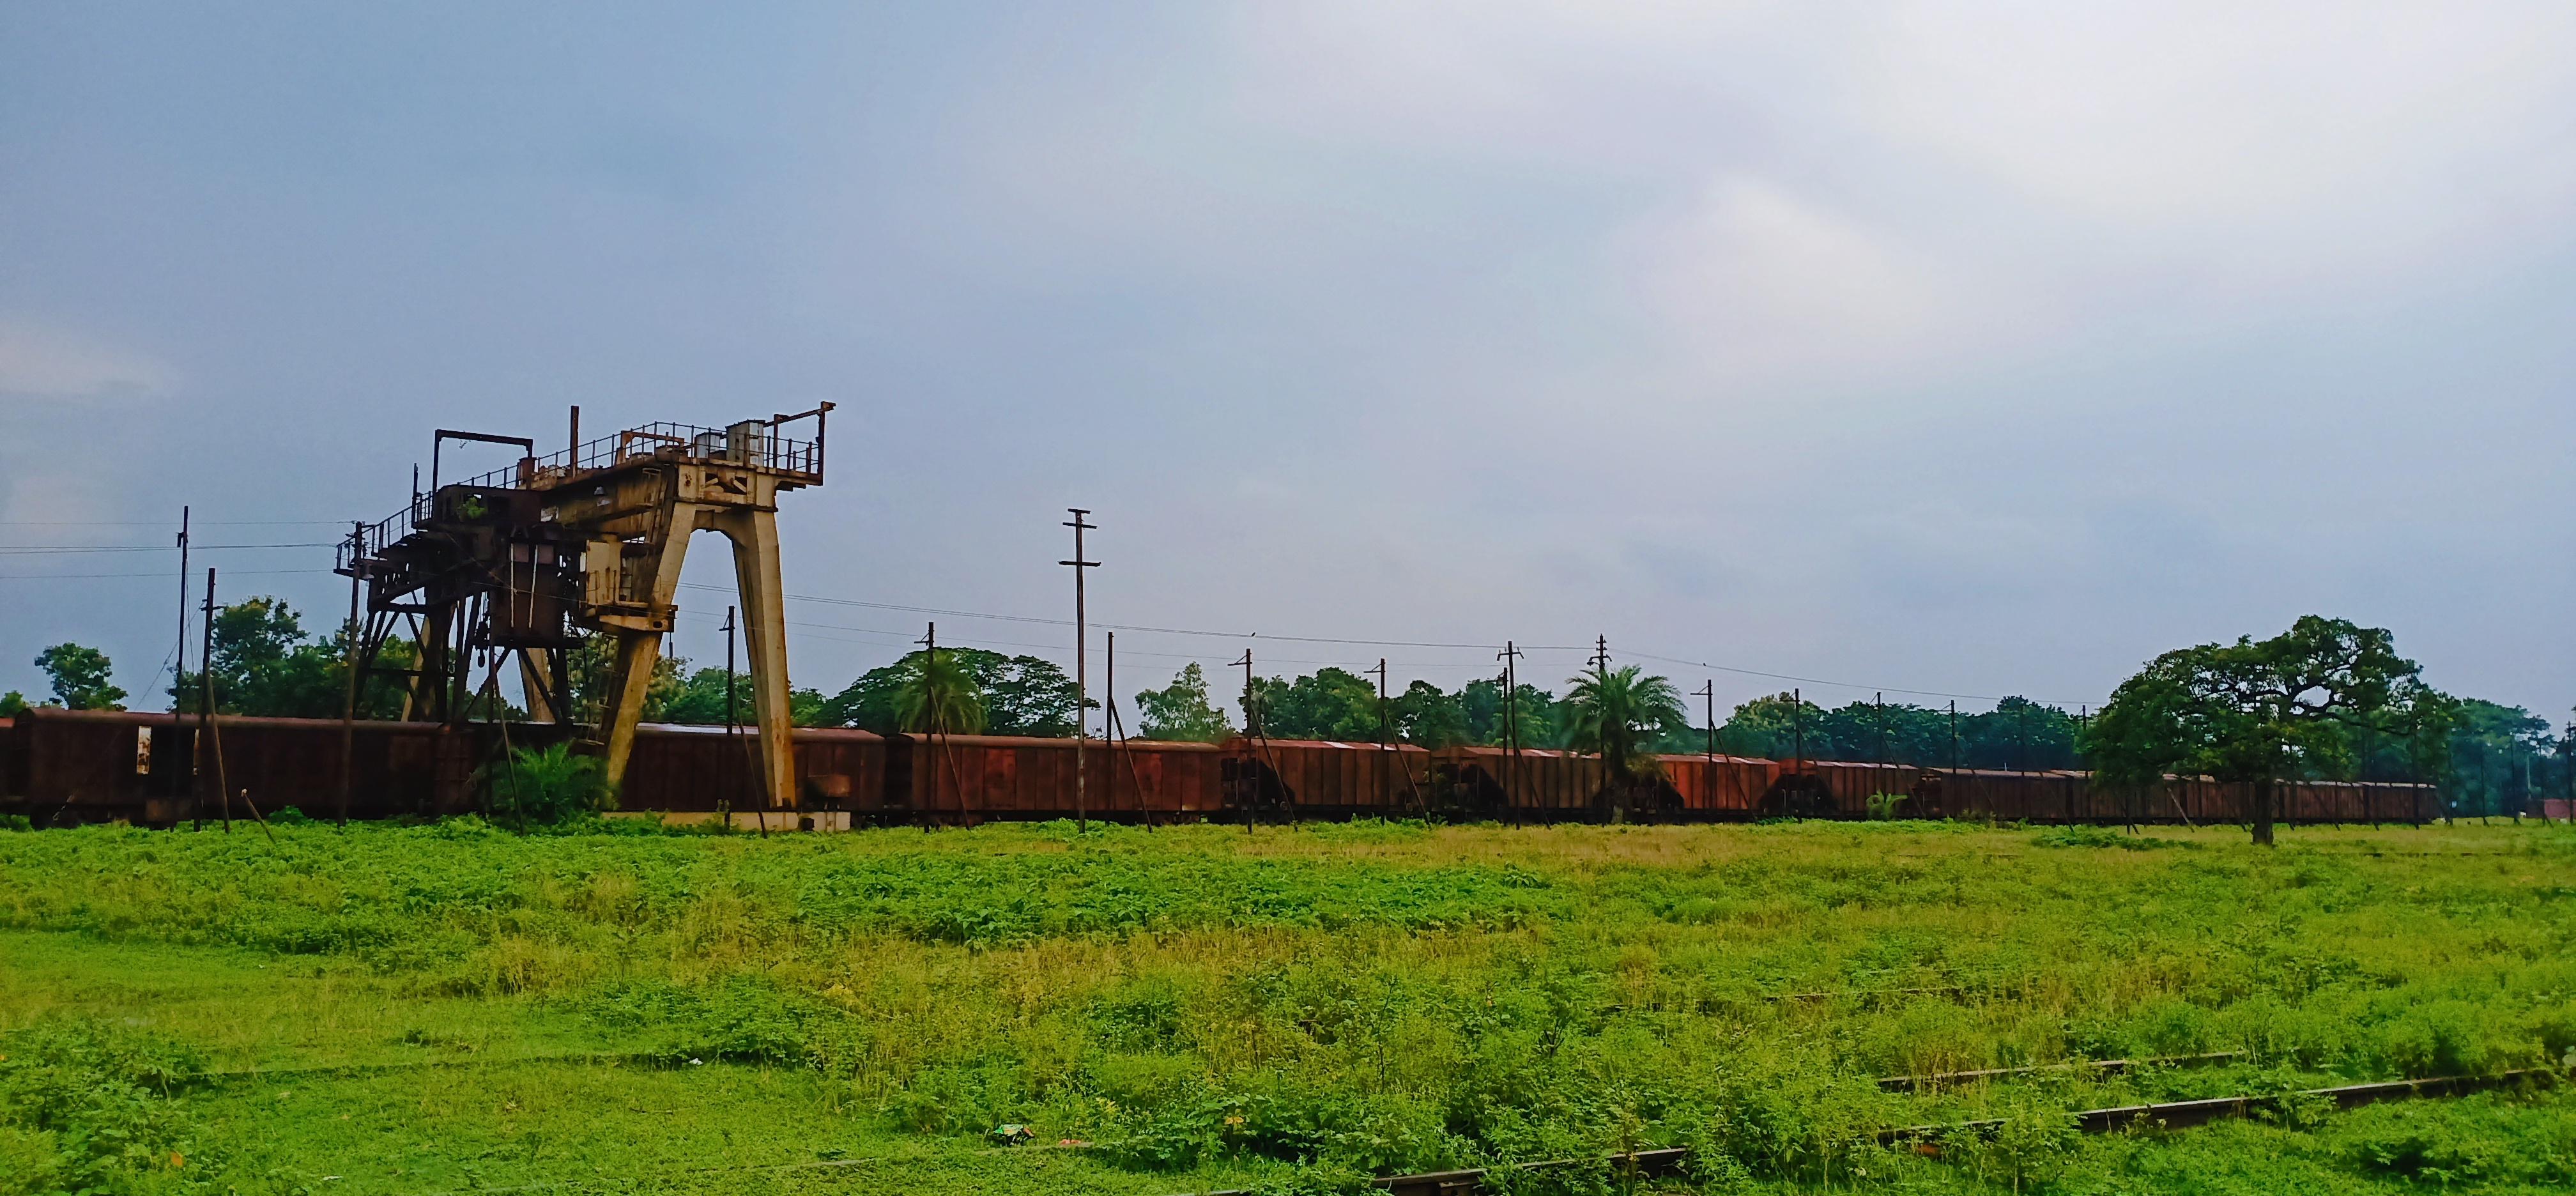 সান্তাহার জংশন এলাকা। ছবি : সান্তাহার ডটকম টিম